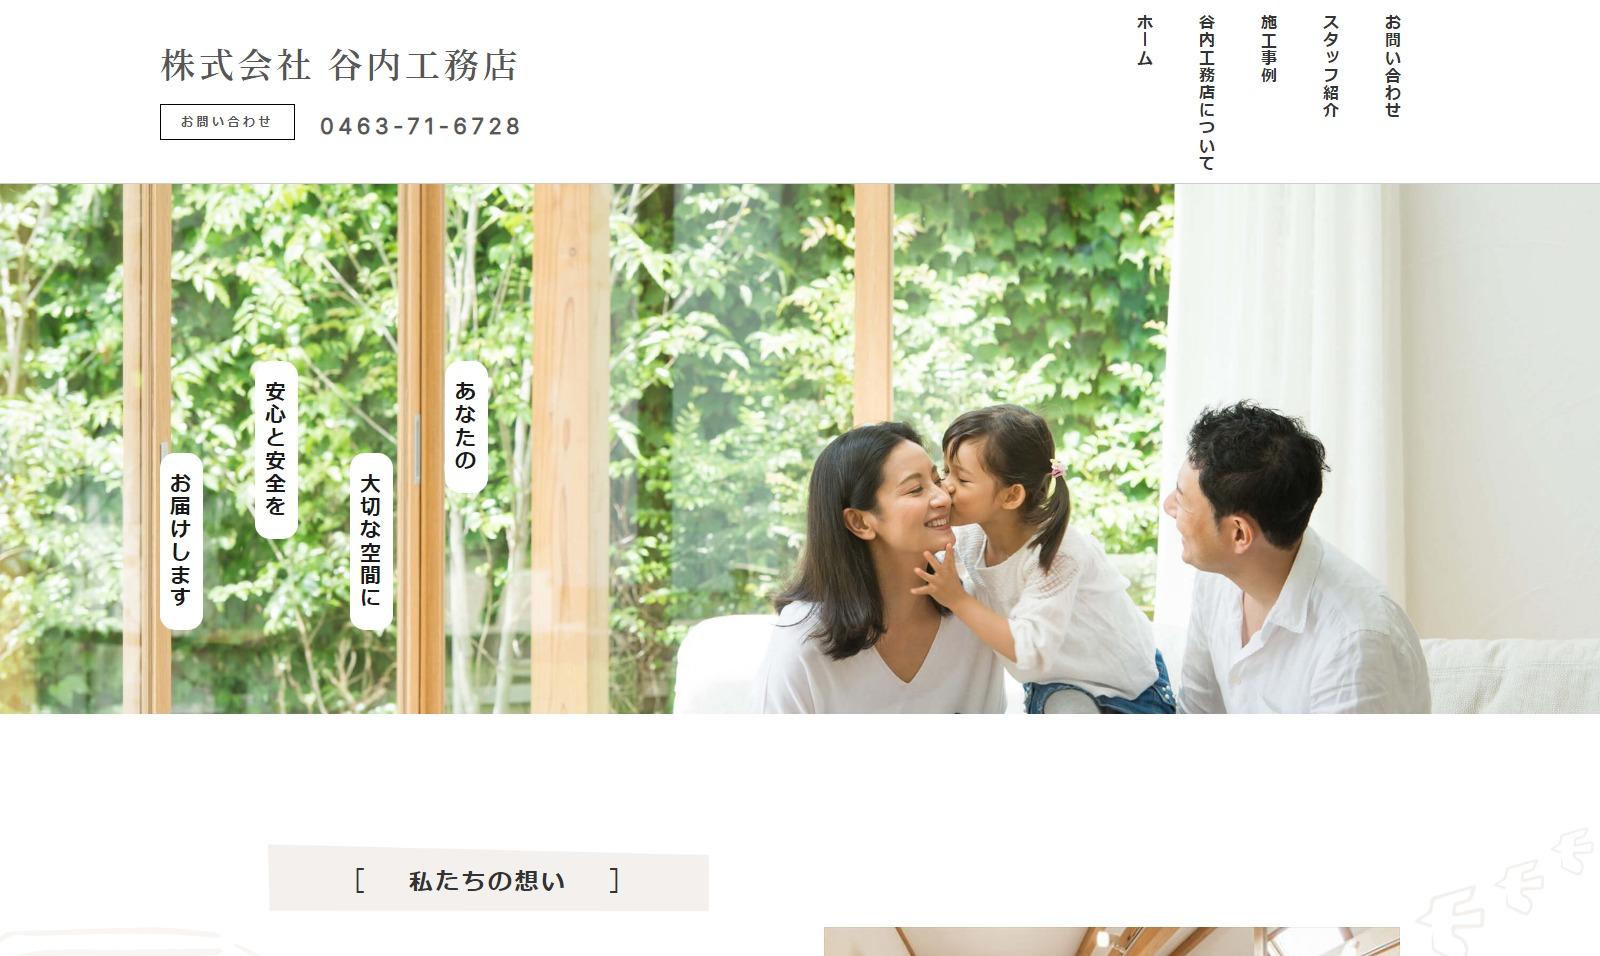 株式会社 谷内工務店 ホームページ